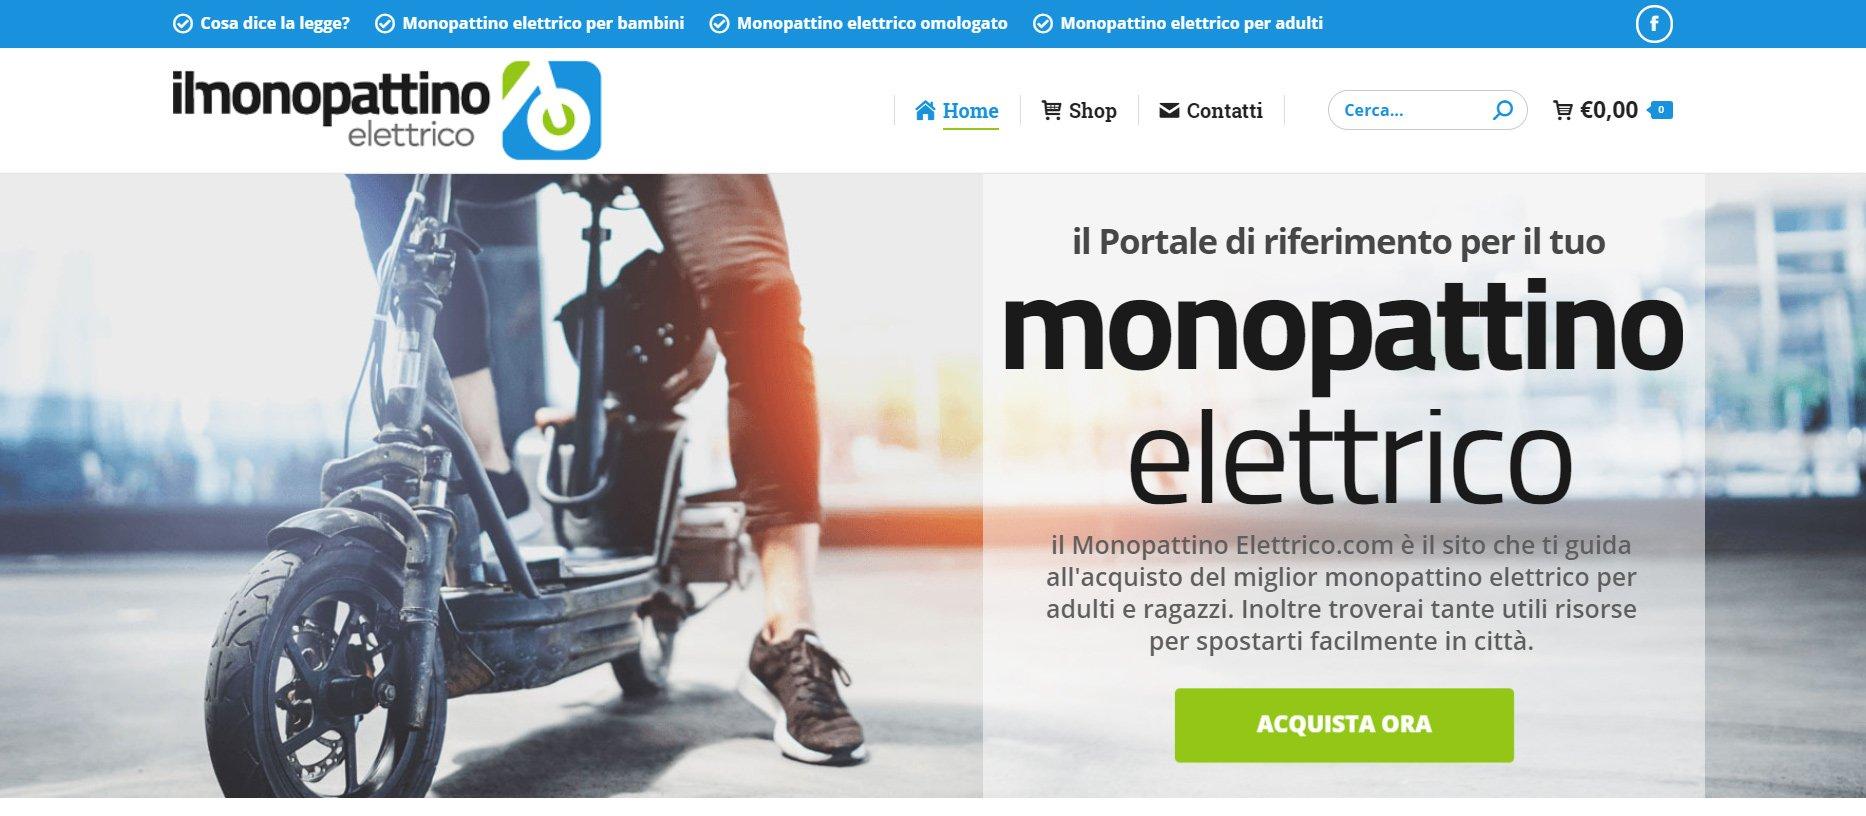 monopattino elettrico per adulti